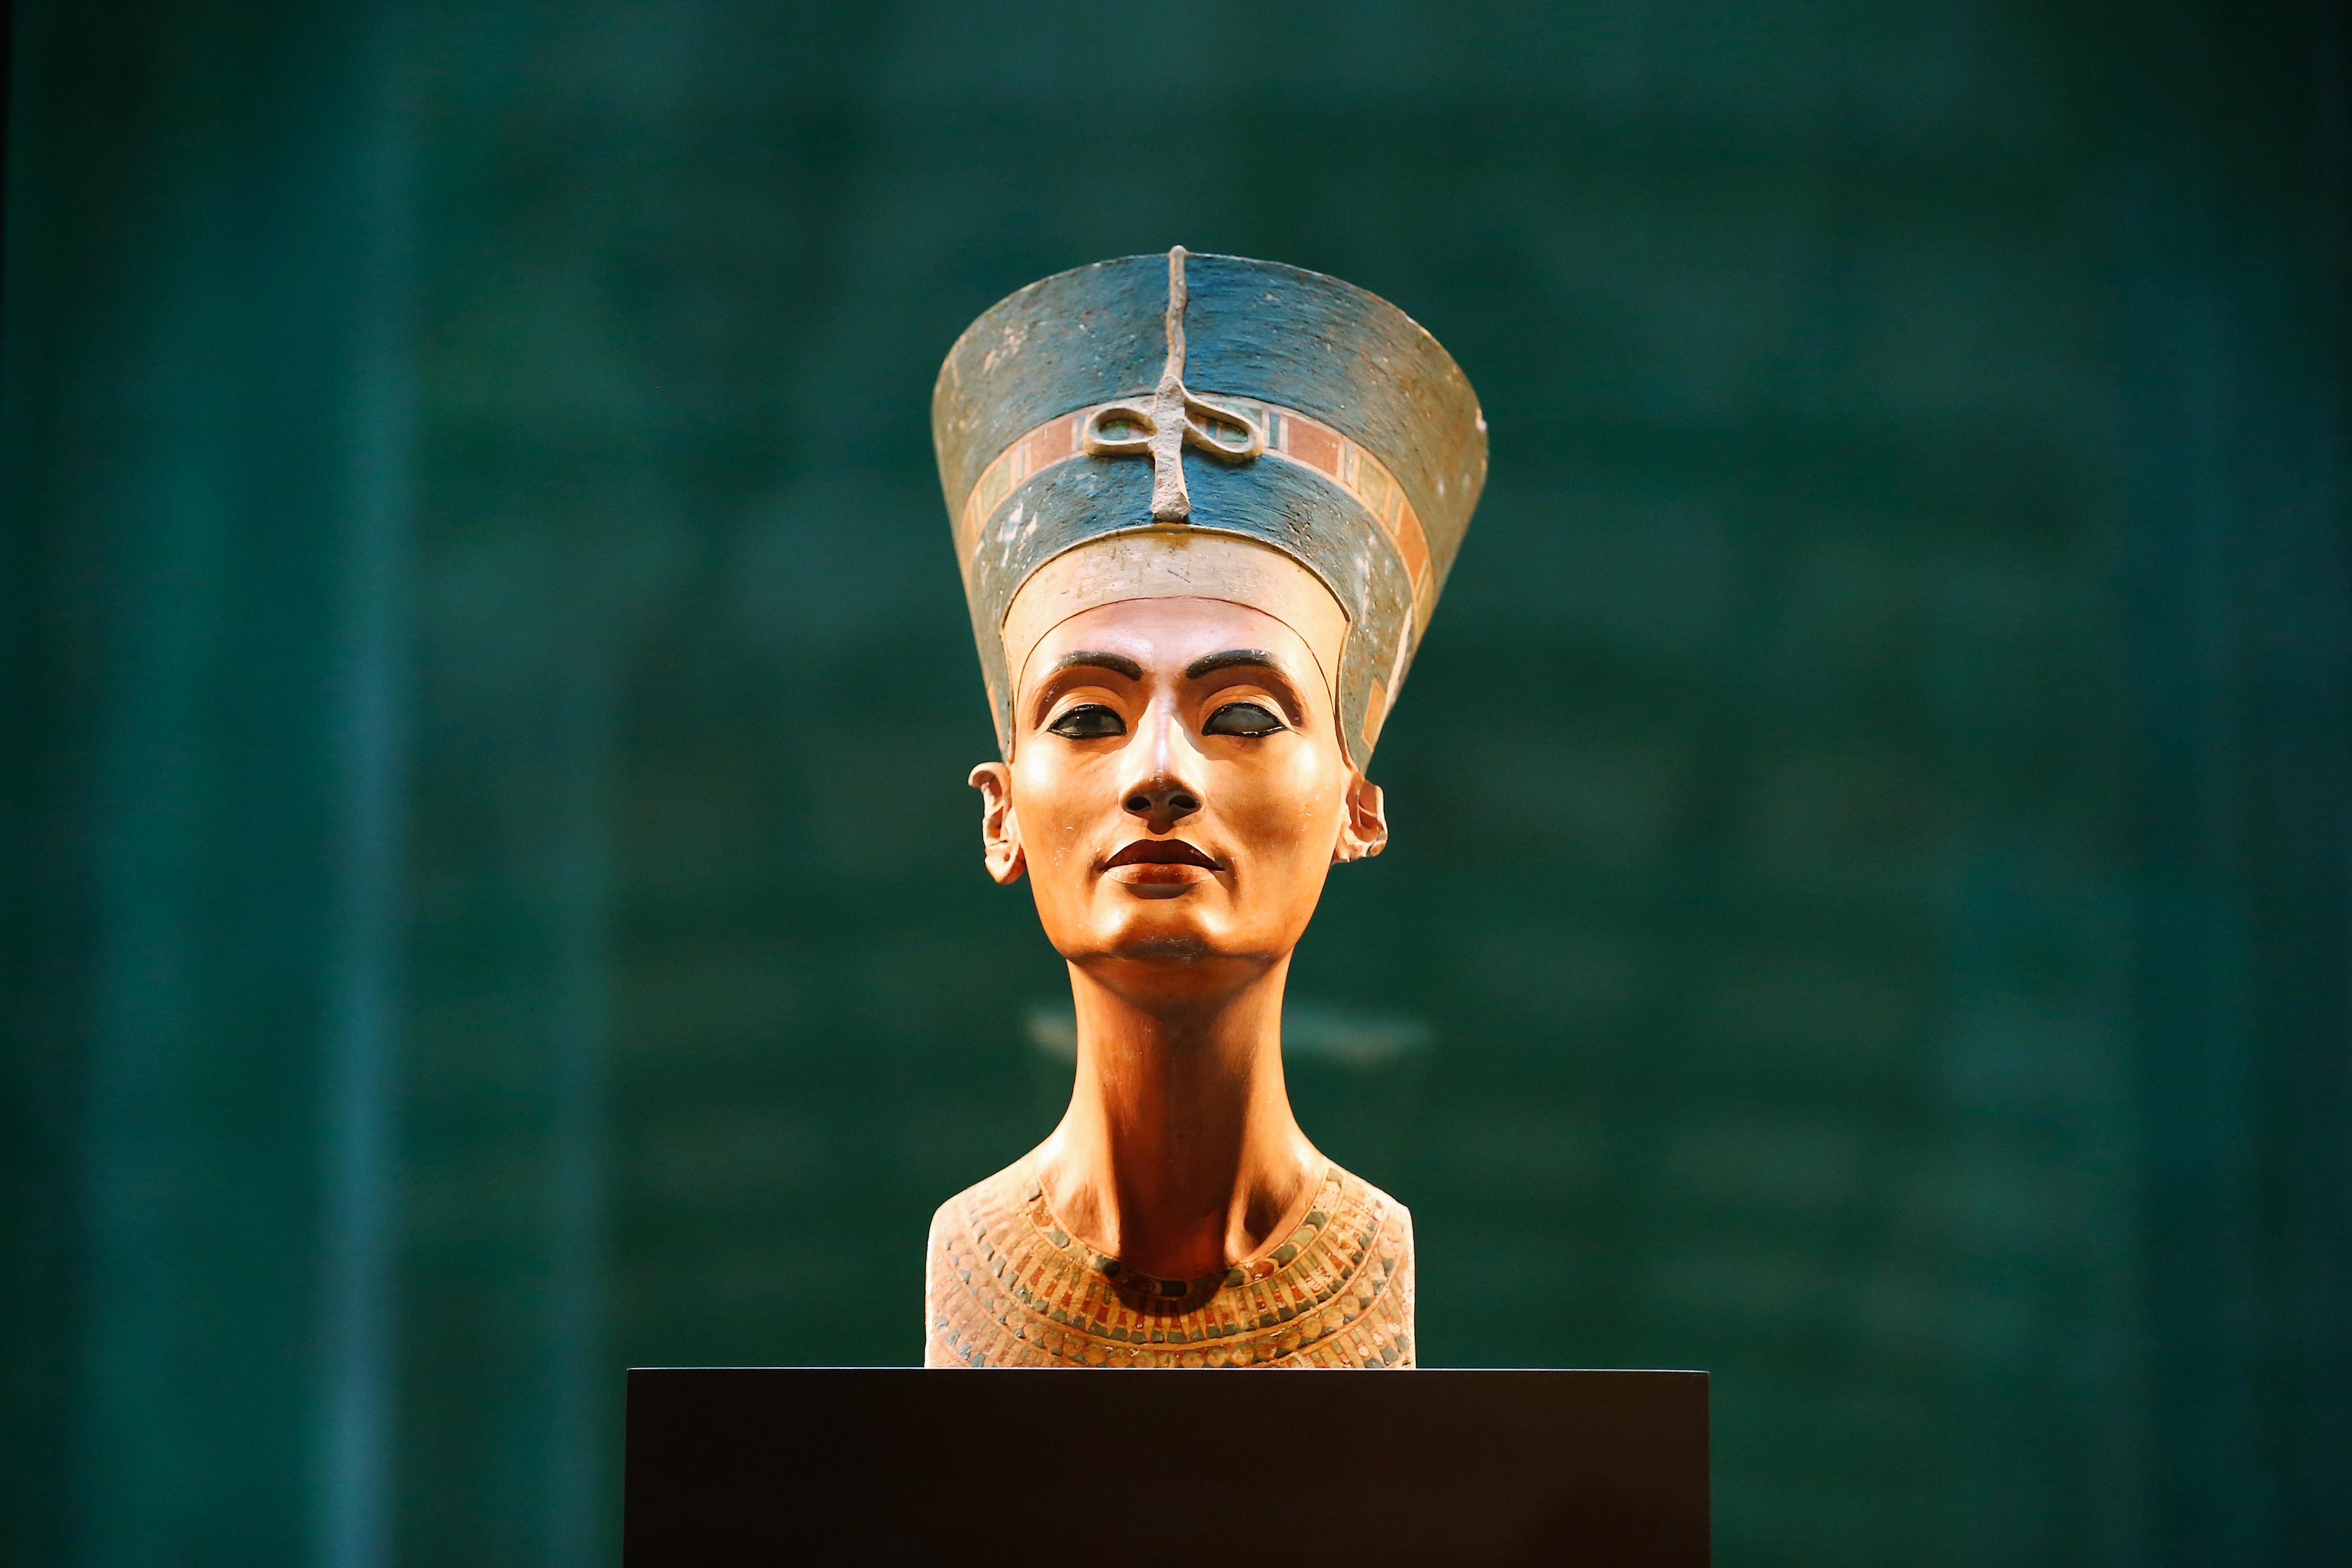 Unul dintre cele mai mari mistere ale lumii: mormantul reginei egiptene Nefertiti ar fi fost descoperit. Teoria unui arheolog